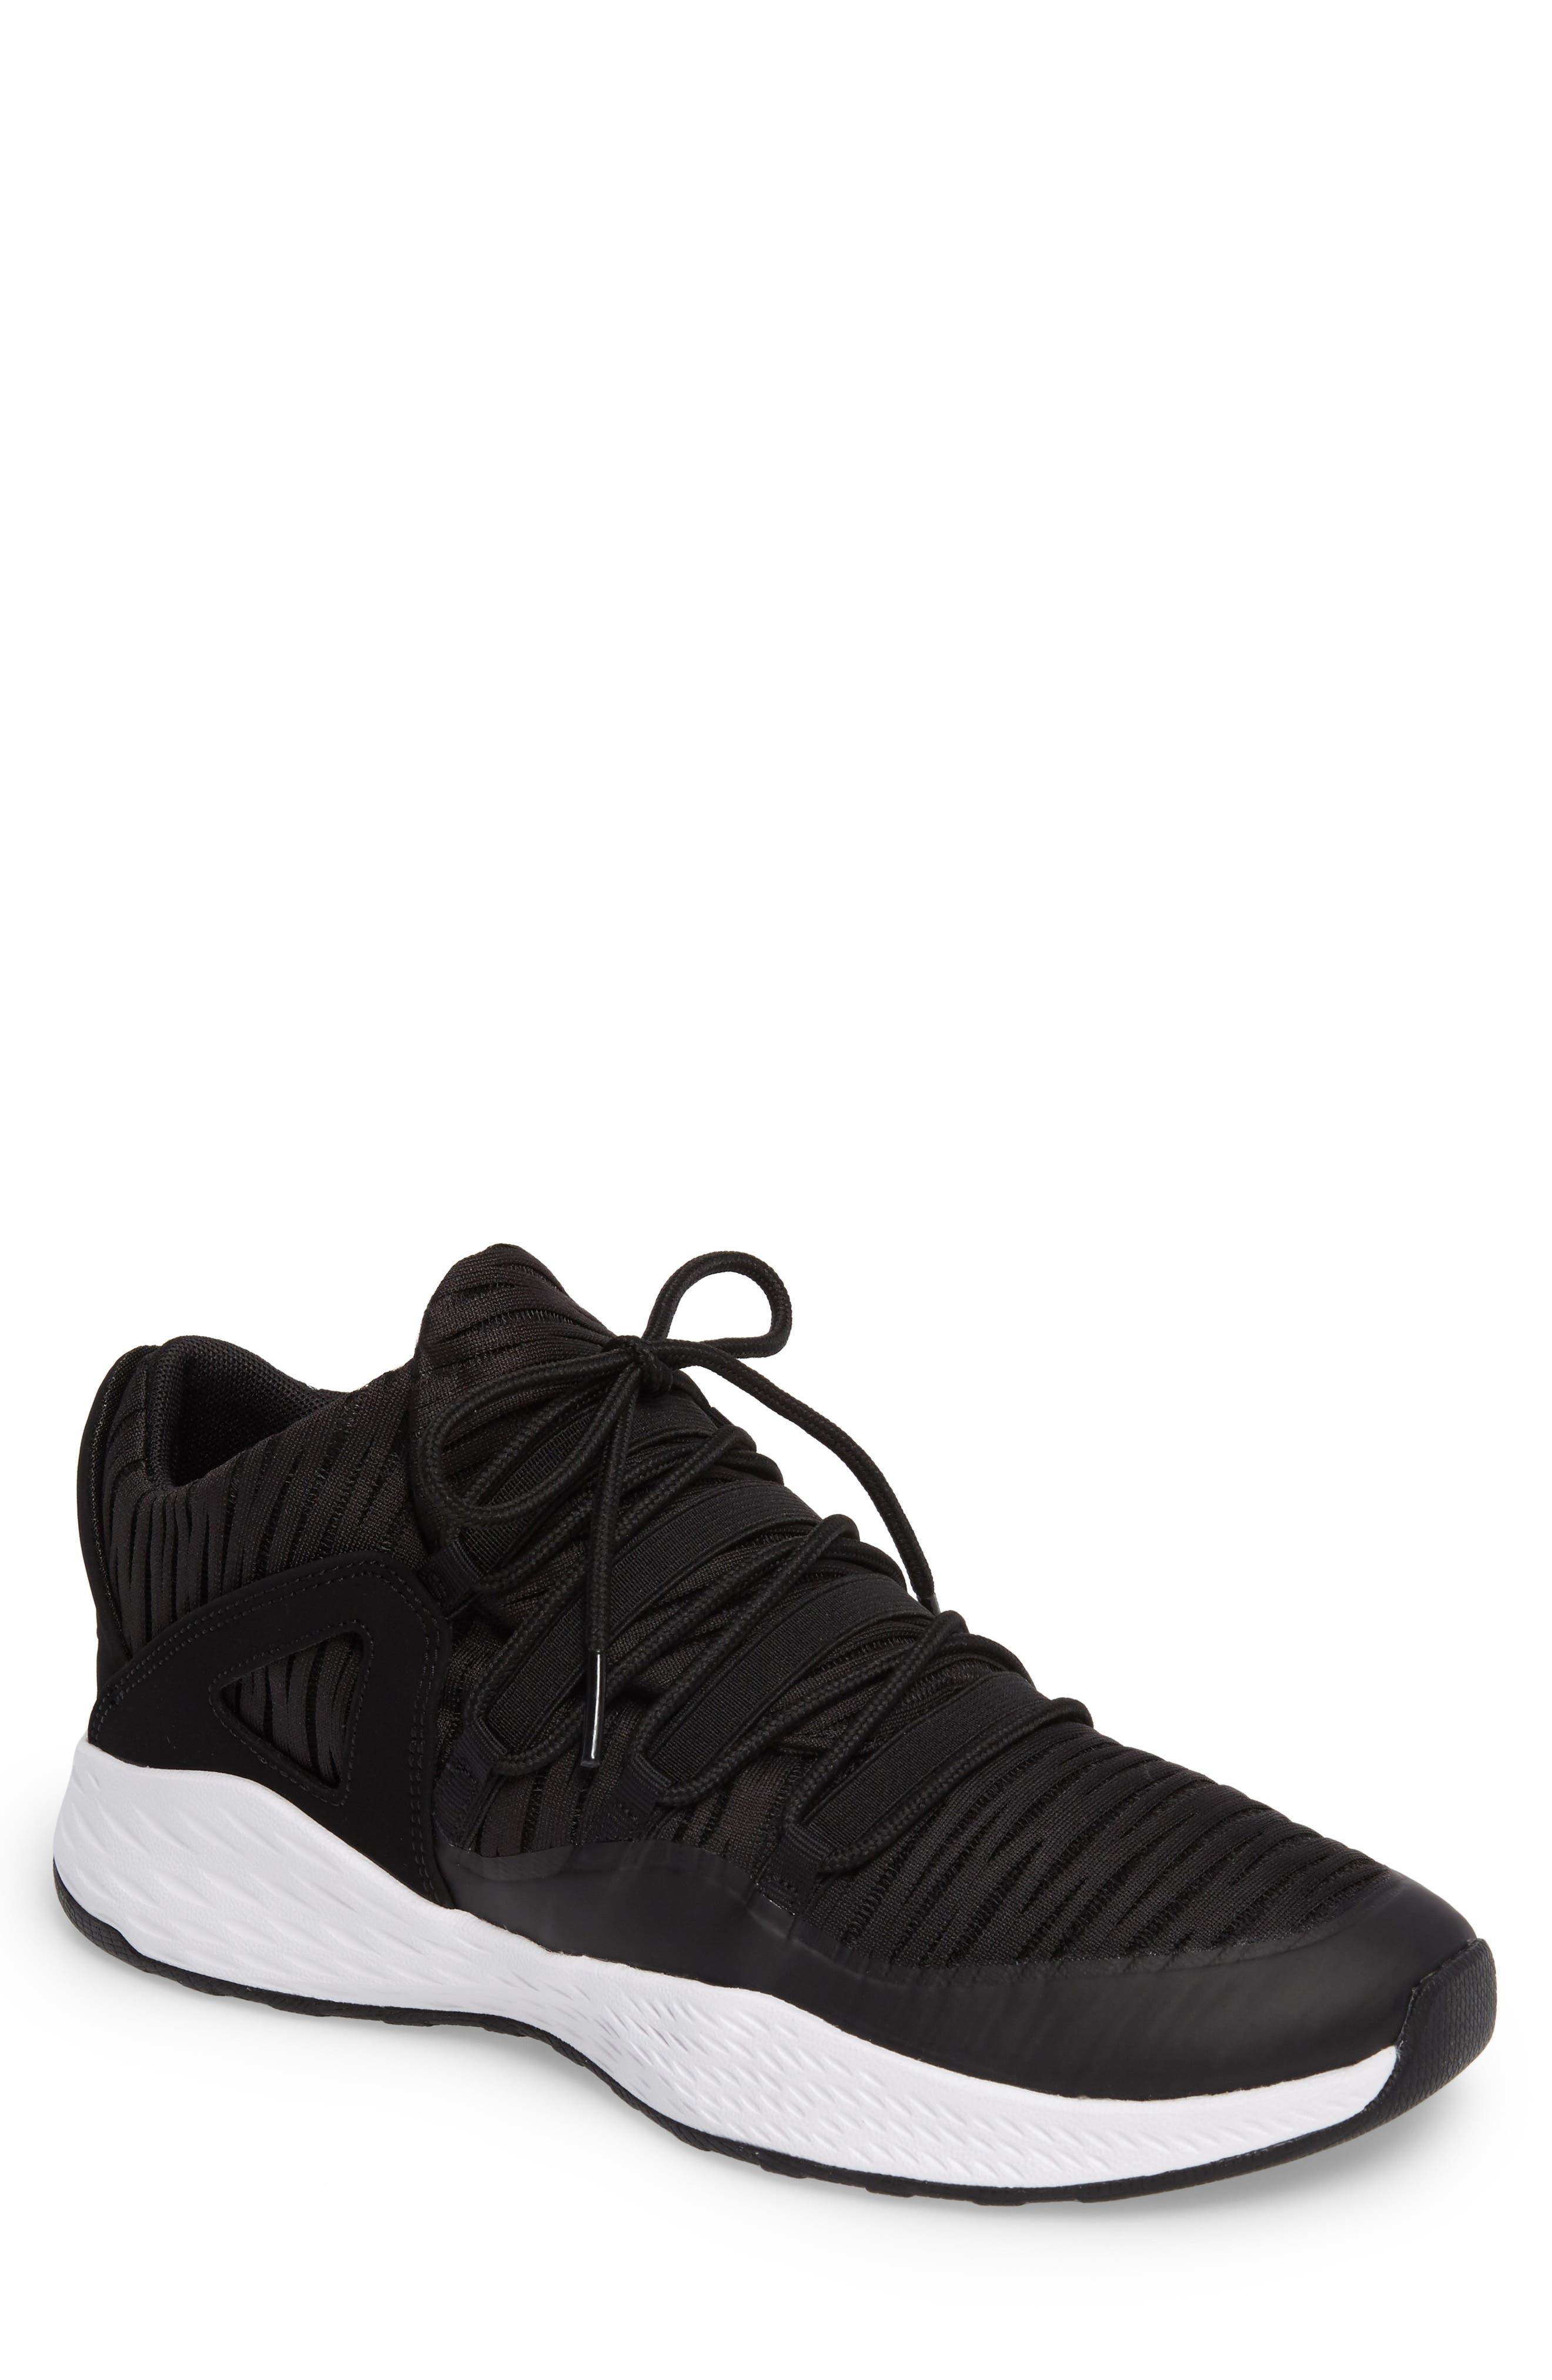 Jordan Formula 23 Low Sneaker,                             Main thumbnail 1, color,                             011